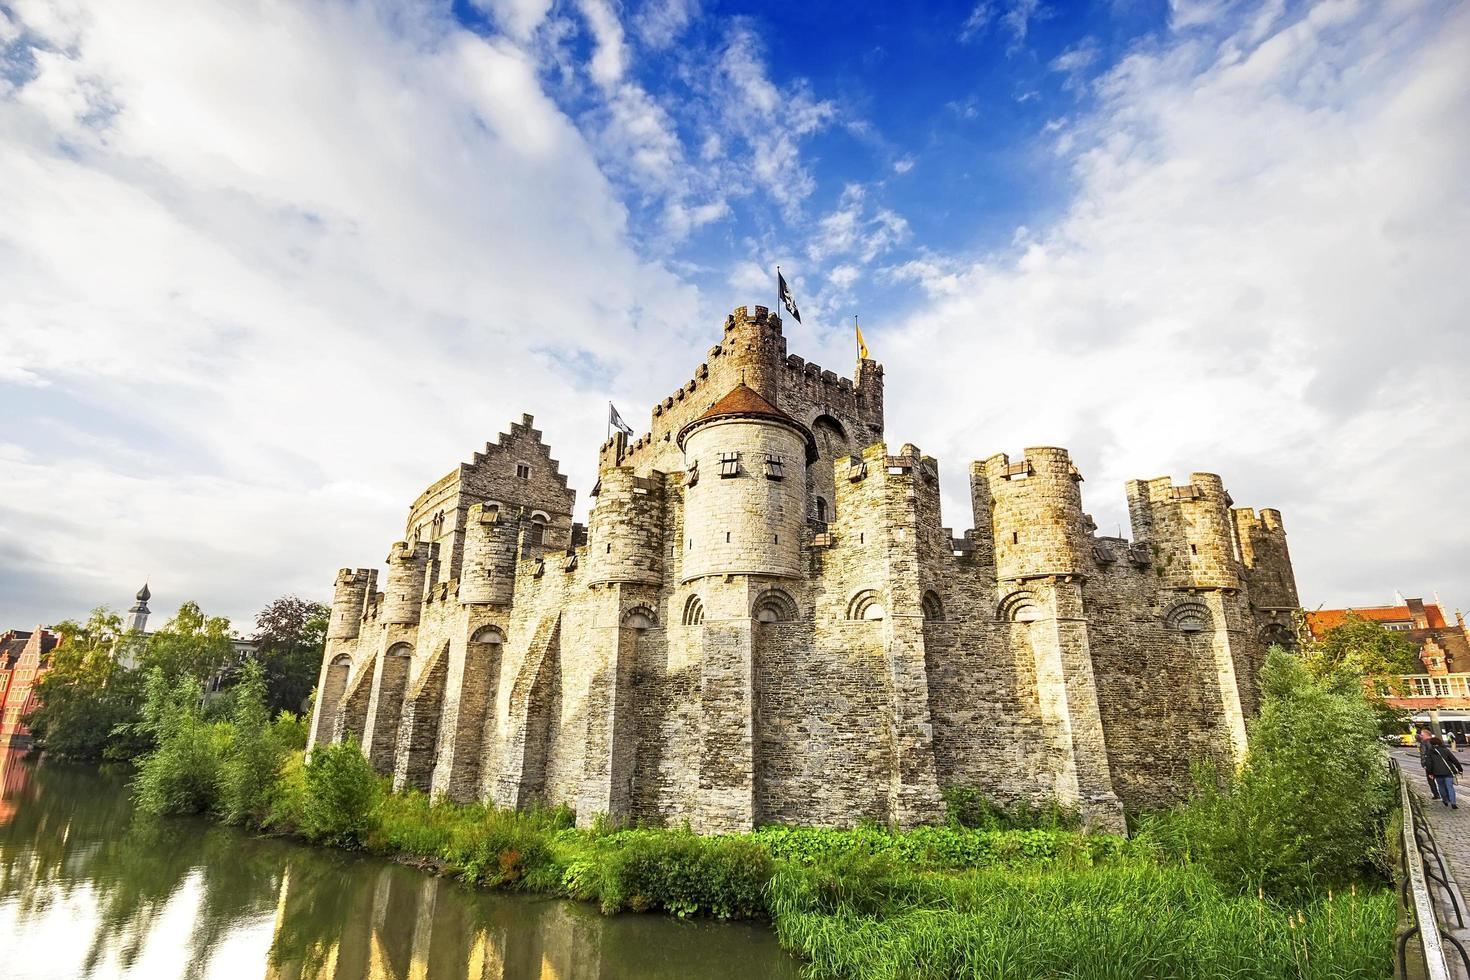 middeleeuws kasteel gravensteen in gent, belgië foto